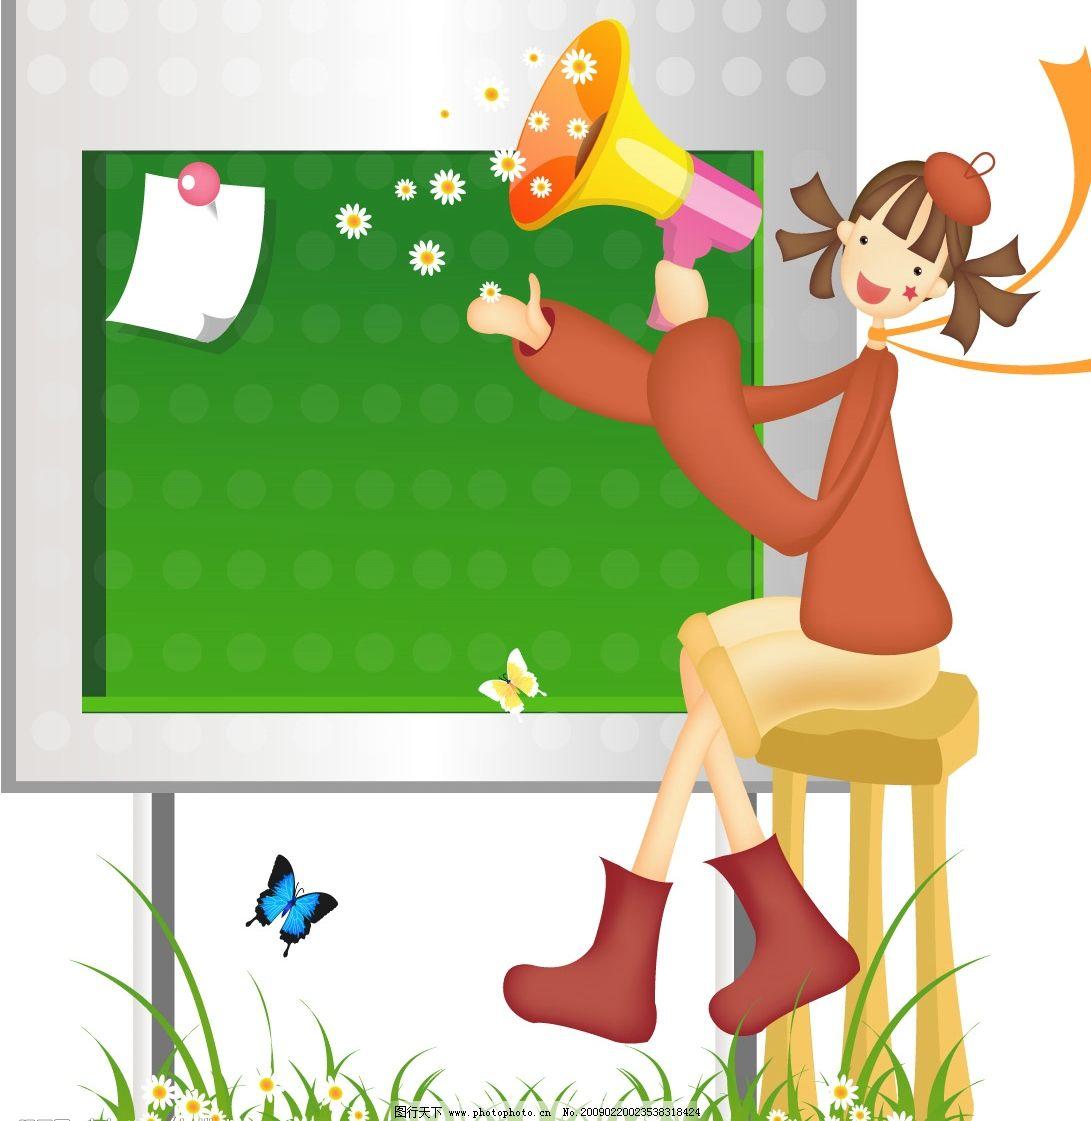 公告牌前的女孩 韩国 儿童 卡通 矢量素材 喇叭 矢量人物 矢量图库